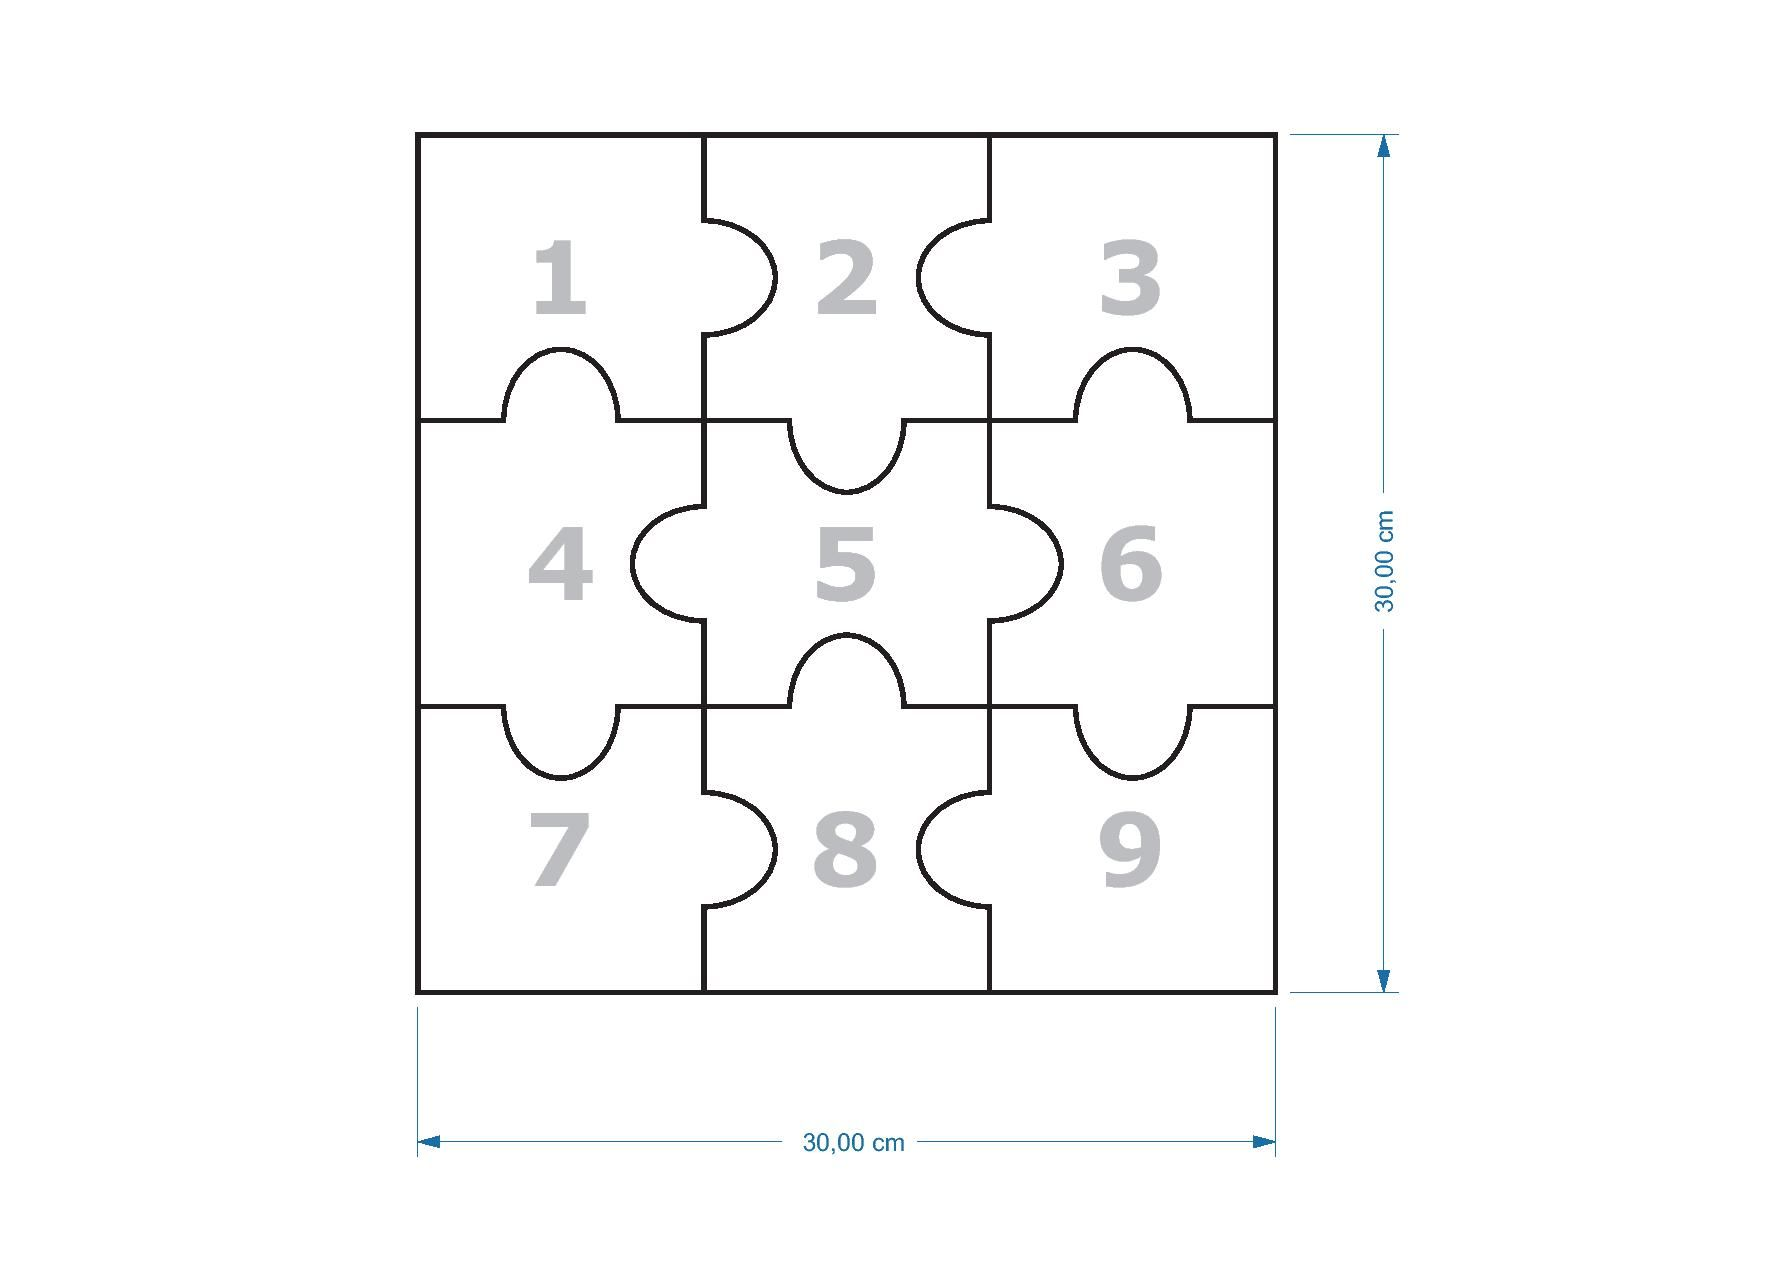 Primeiro projeto do quebra cabeça - cancelado por inviabilidade